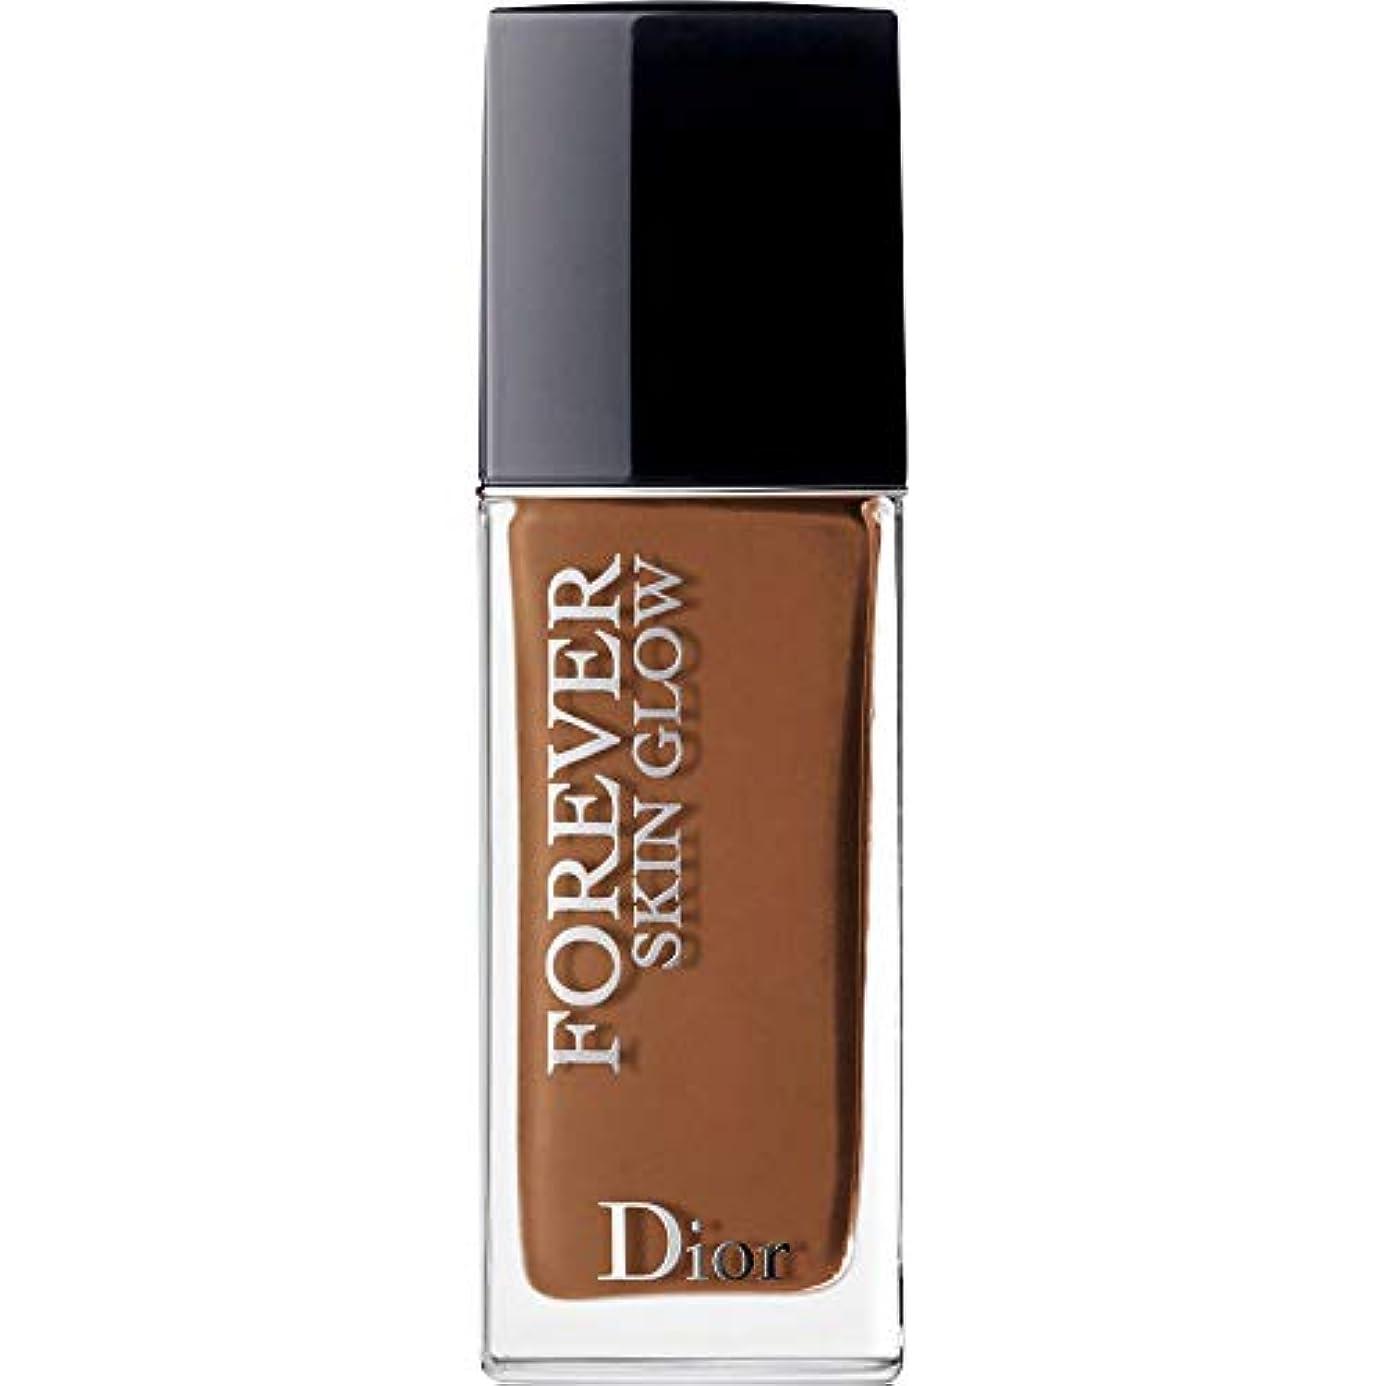 悲観的歩道オプショナル[Dior ] ディオール永遠に皮膚グロー皮膚思いやりの基礎Spf35 30ミリリットルの8N - ニュートラル(肌の輝き) - DIOR Forever Skin Glow Skin-Caring Foundation...